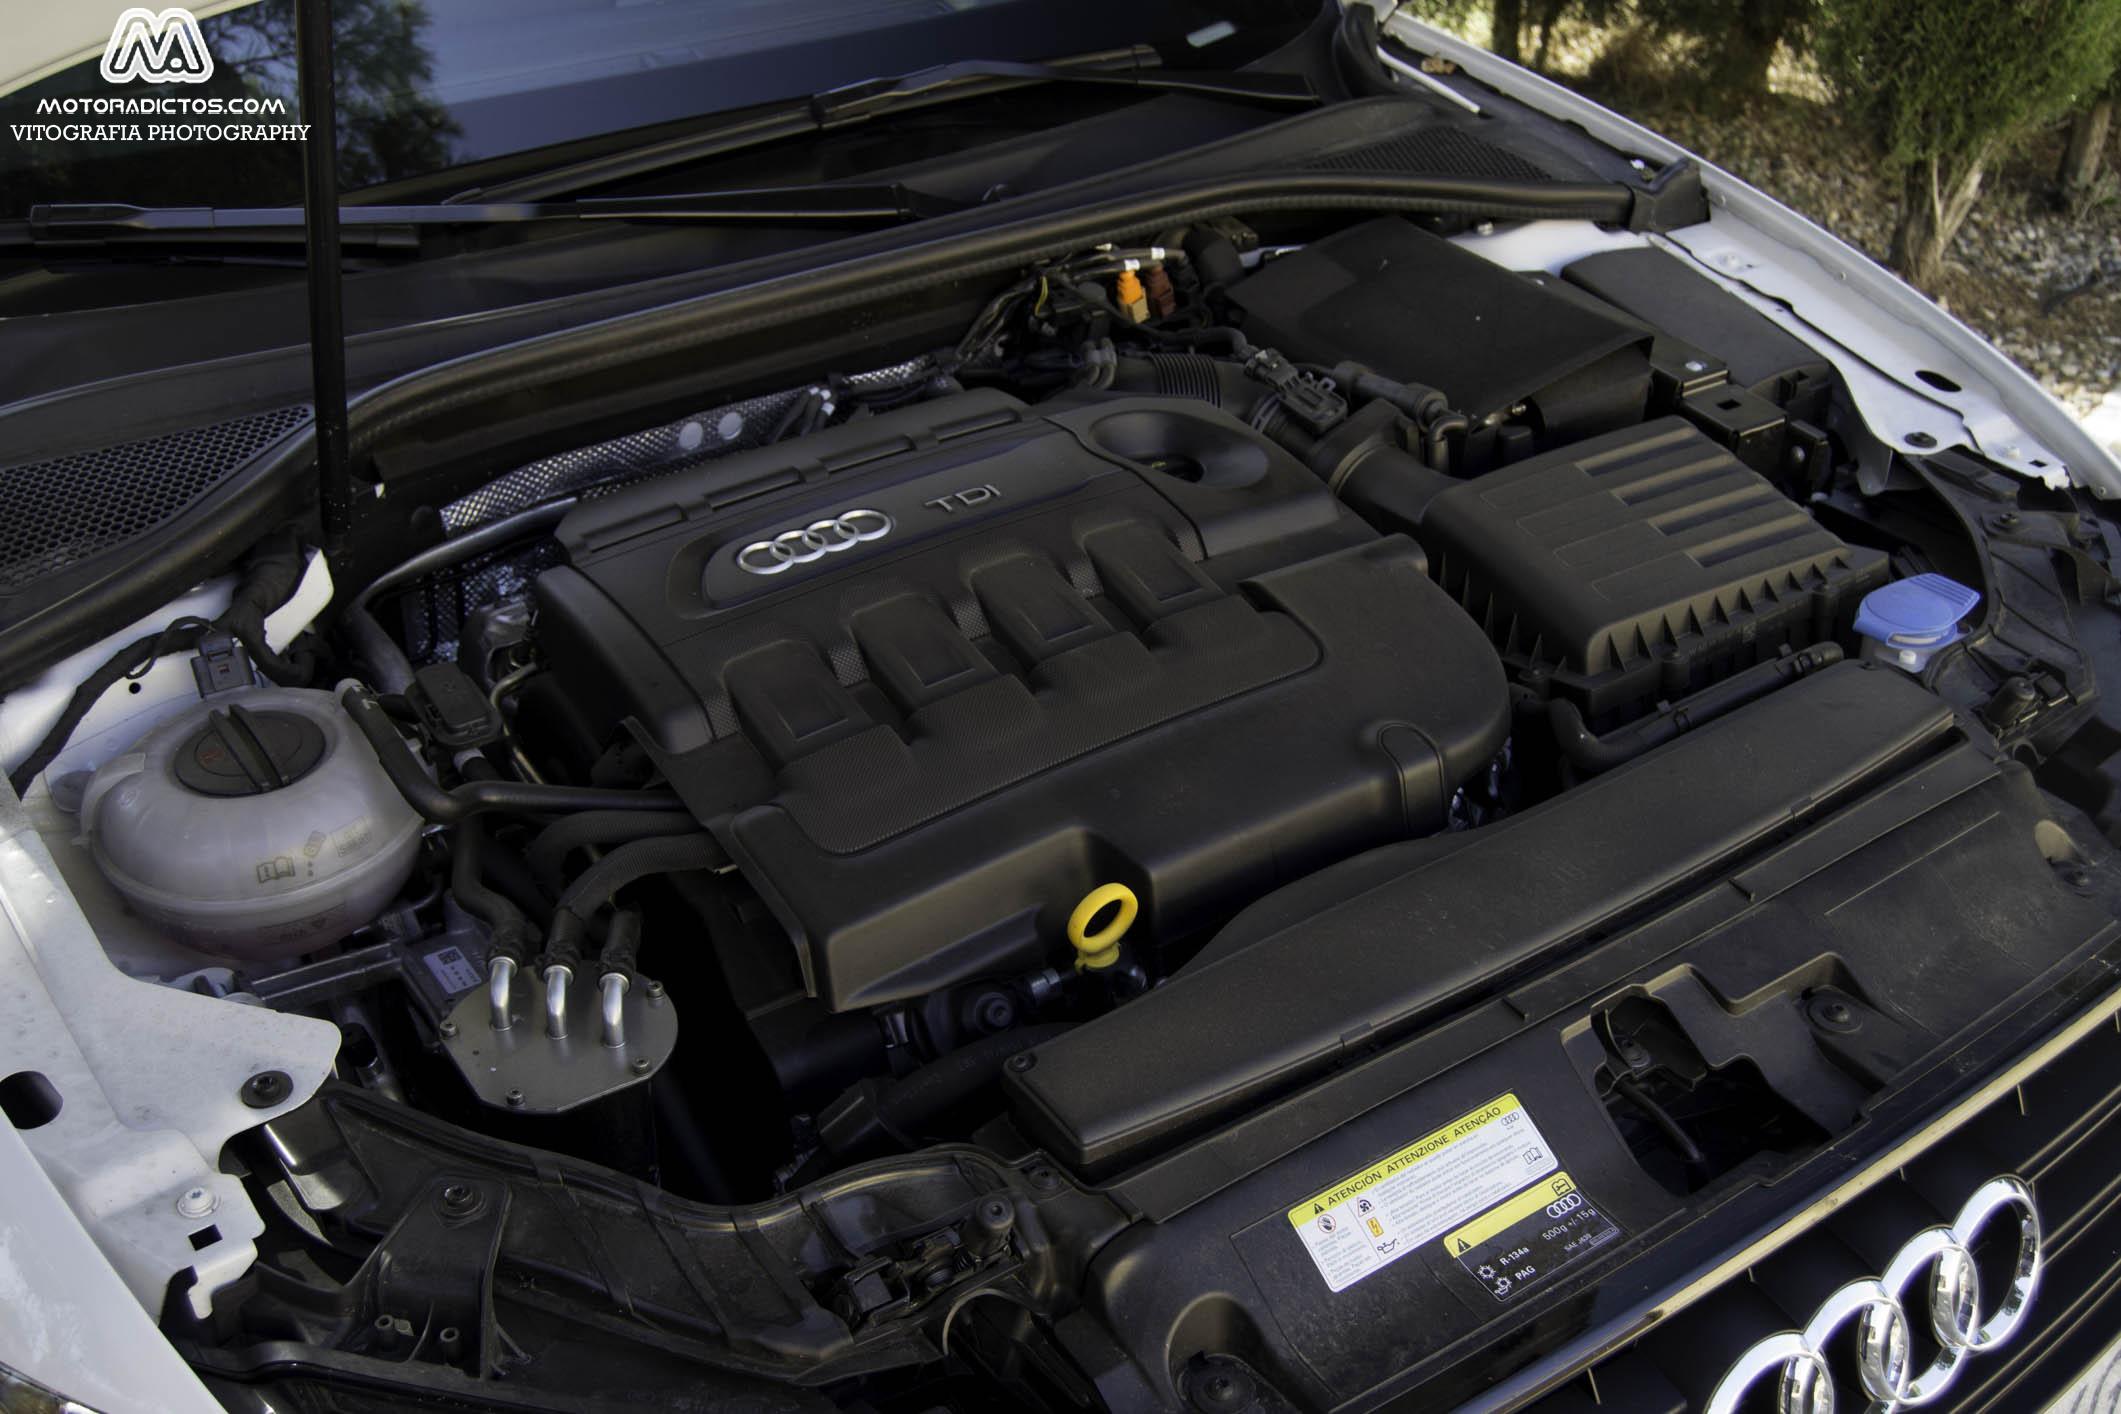 Prueba: Audi A3 1.6 TDI Ultra 110 CV (diseño, habitáculo, mecánica) 3